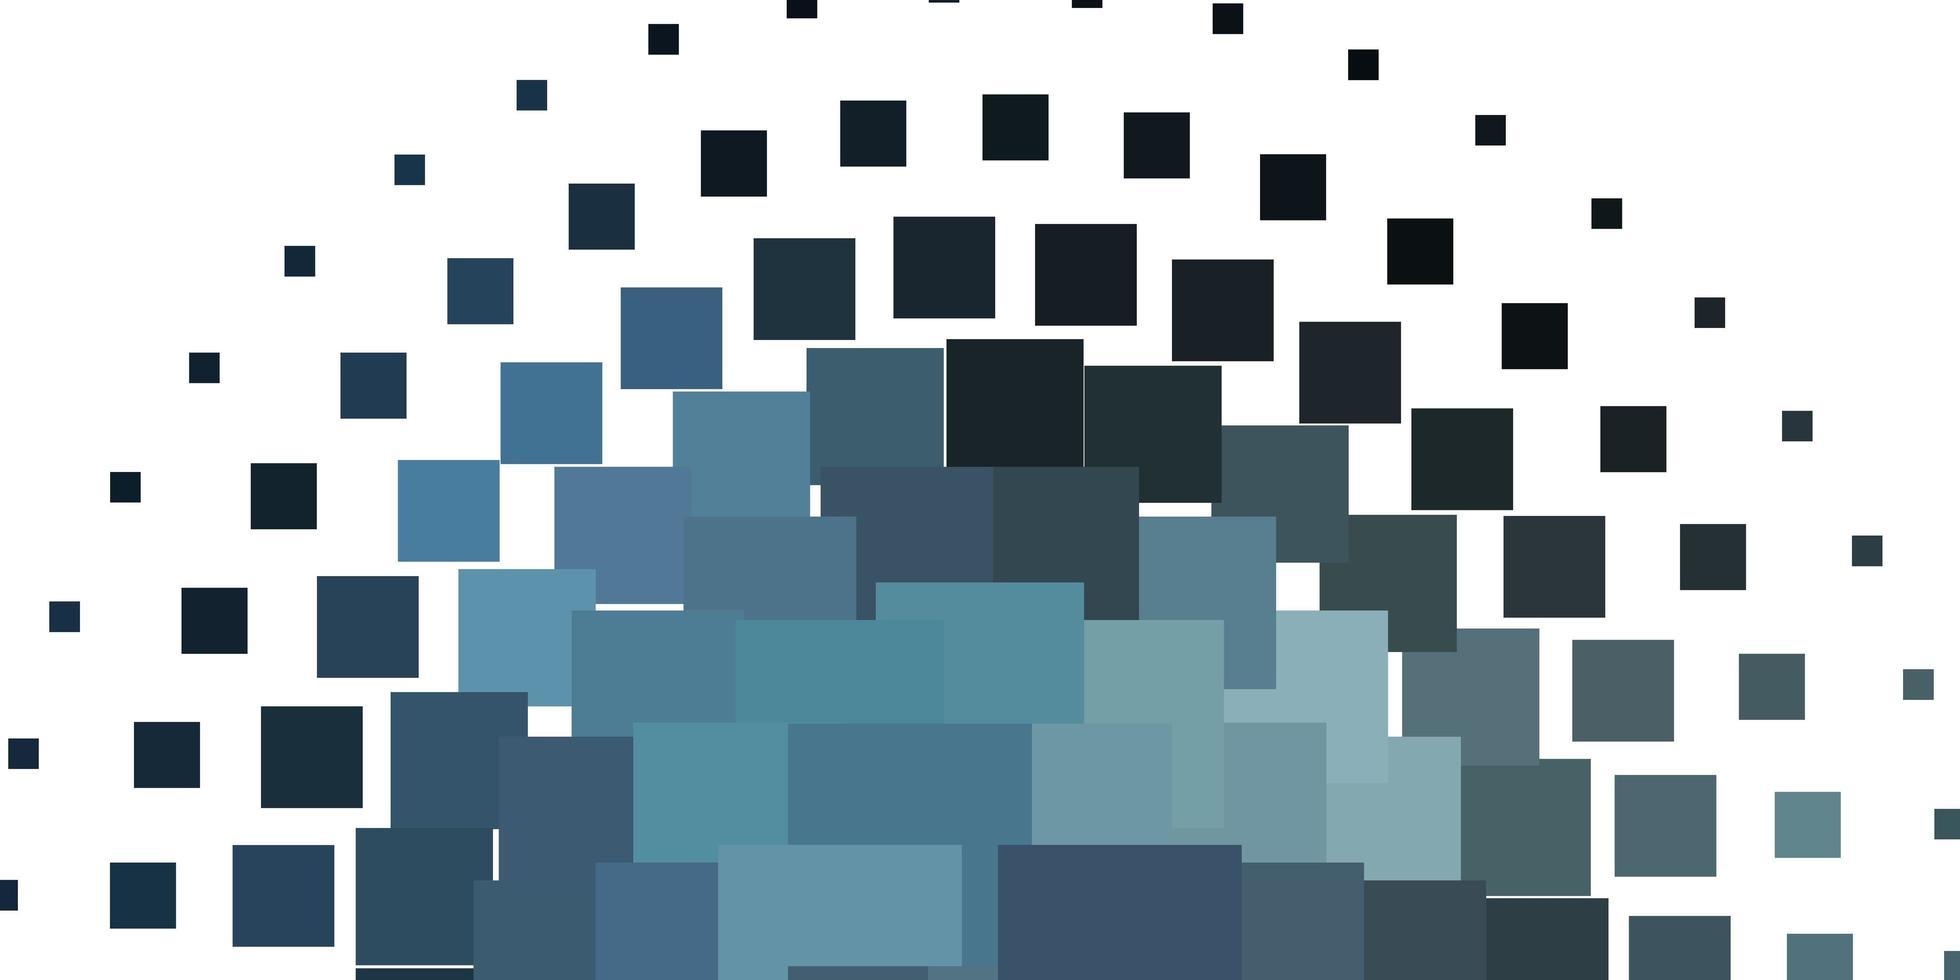 motif gris clair dans un style carré. vecteur